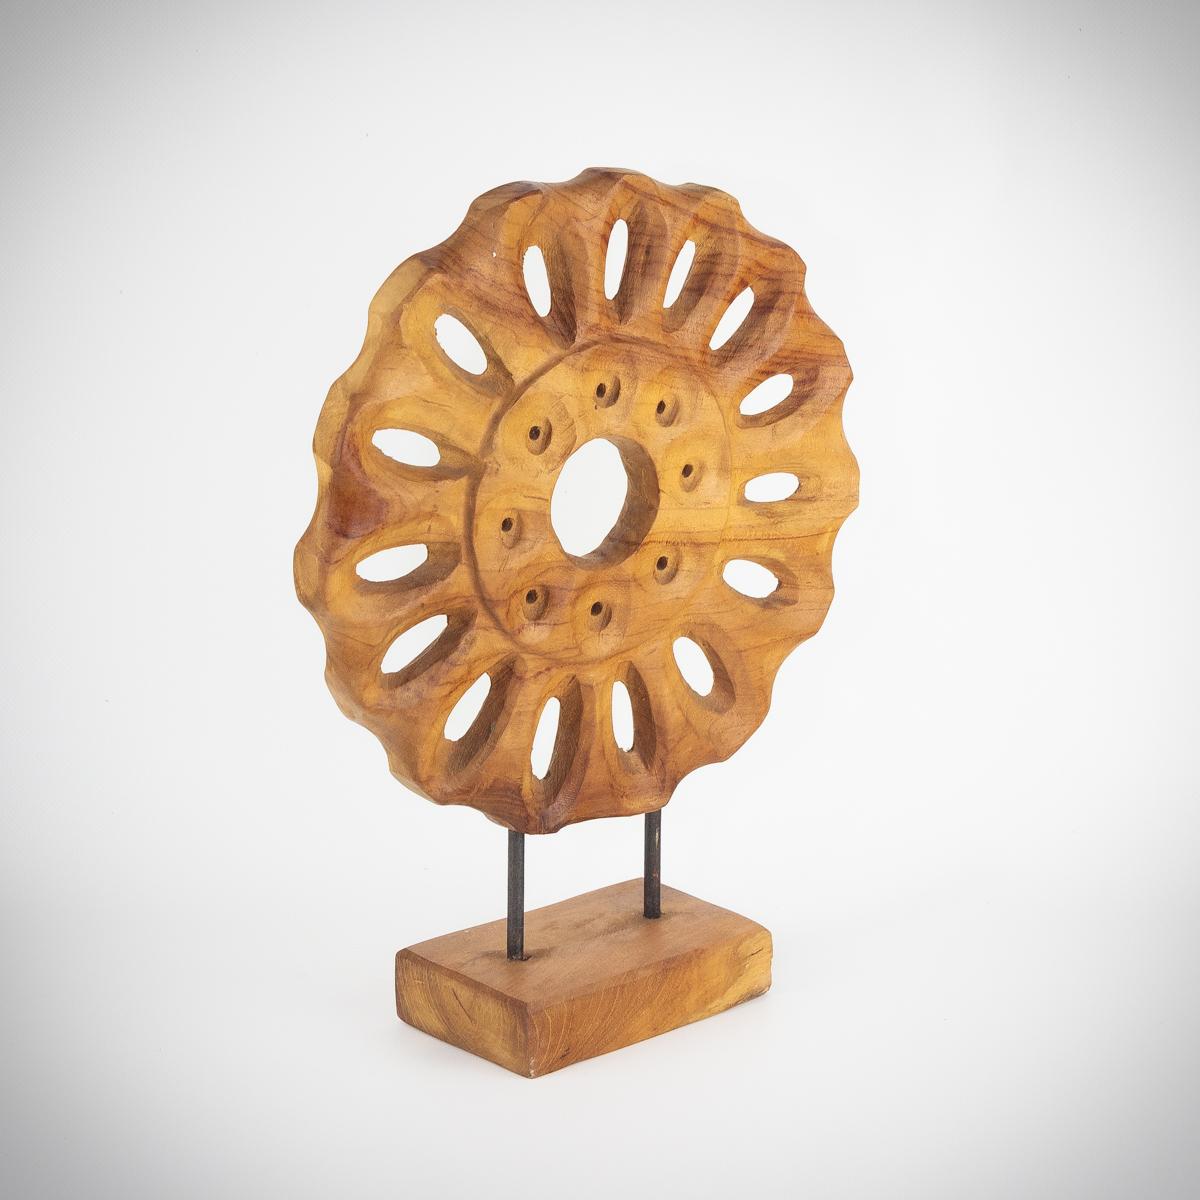 Figura de madera de Teca decorativa con pedestal de 40x29x10cm aprox. MiRococo